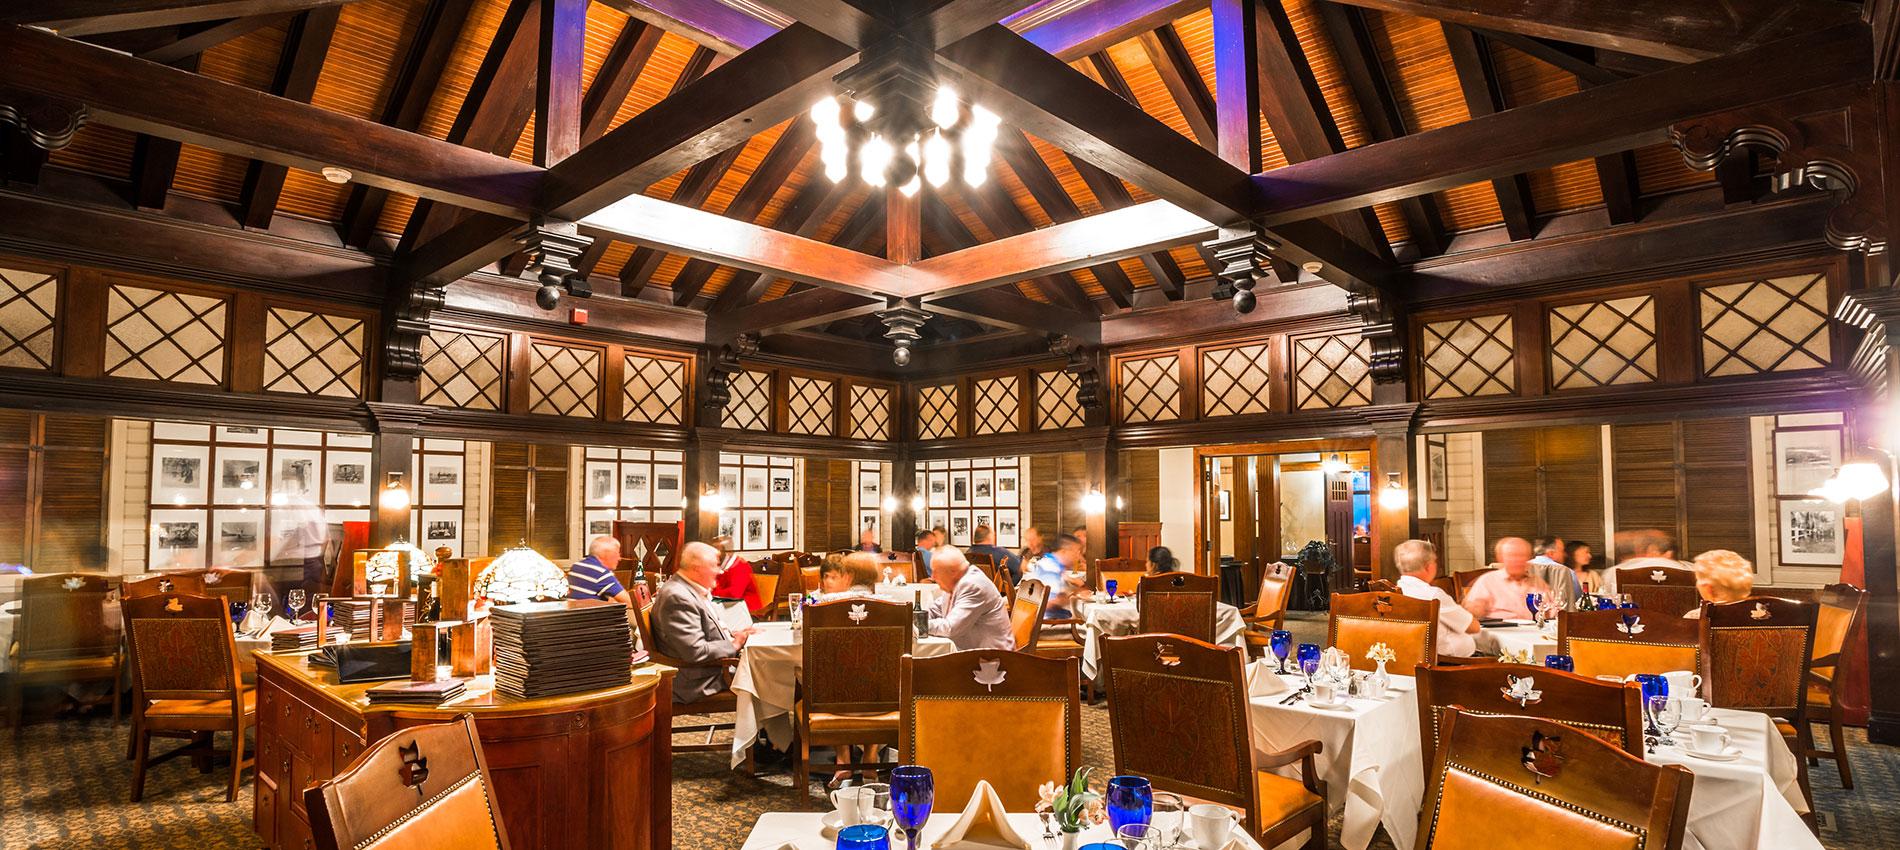 1895 Grille Restaurants Amp Fine Dining Pinehurst Resort